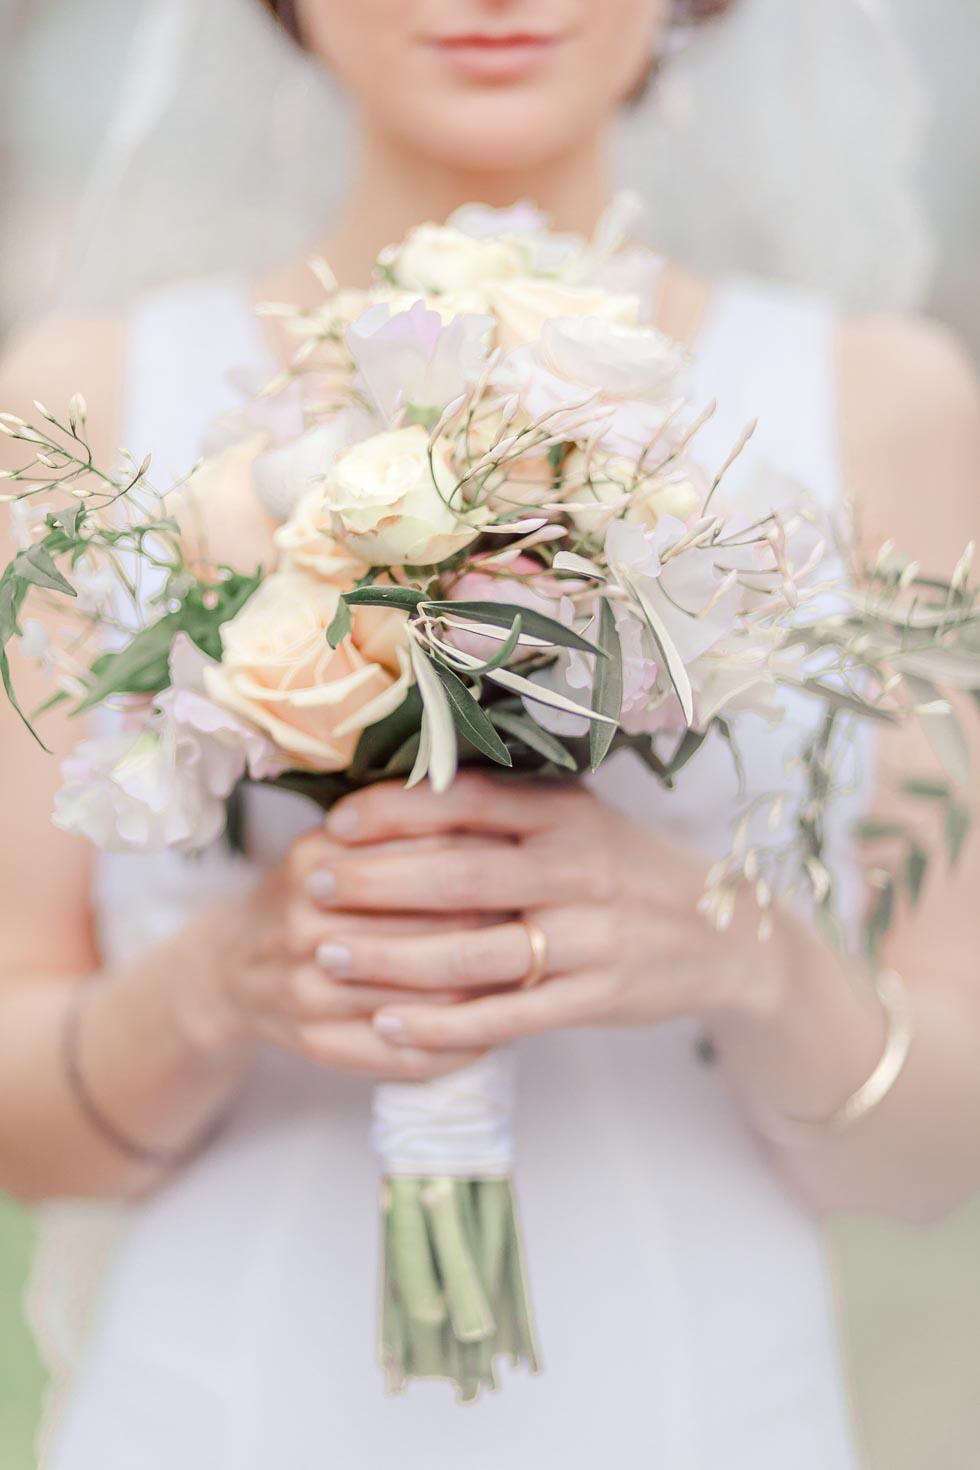 Hochzeitsplanung Was Brauche Ich